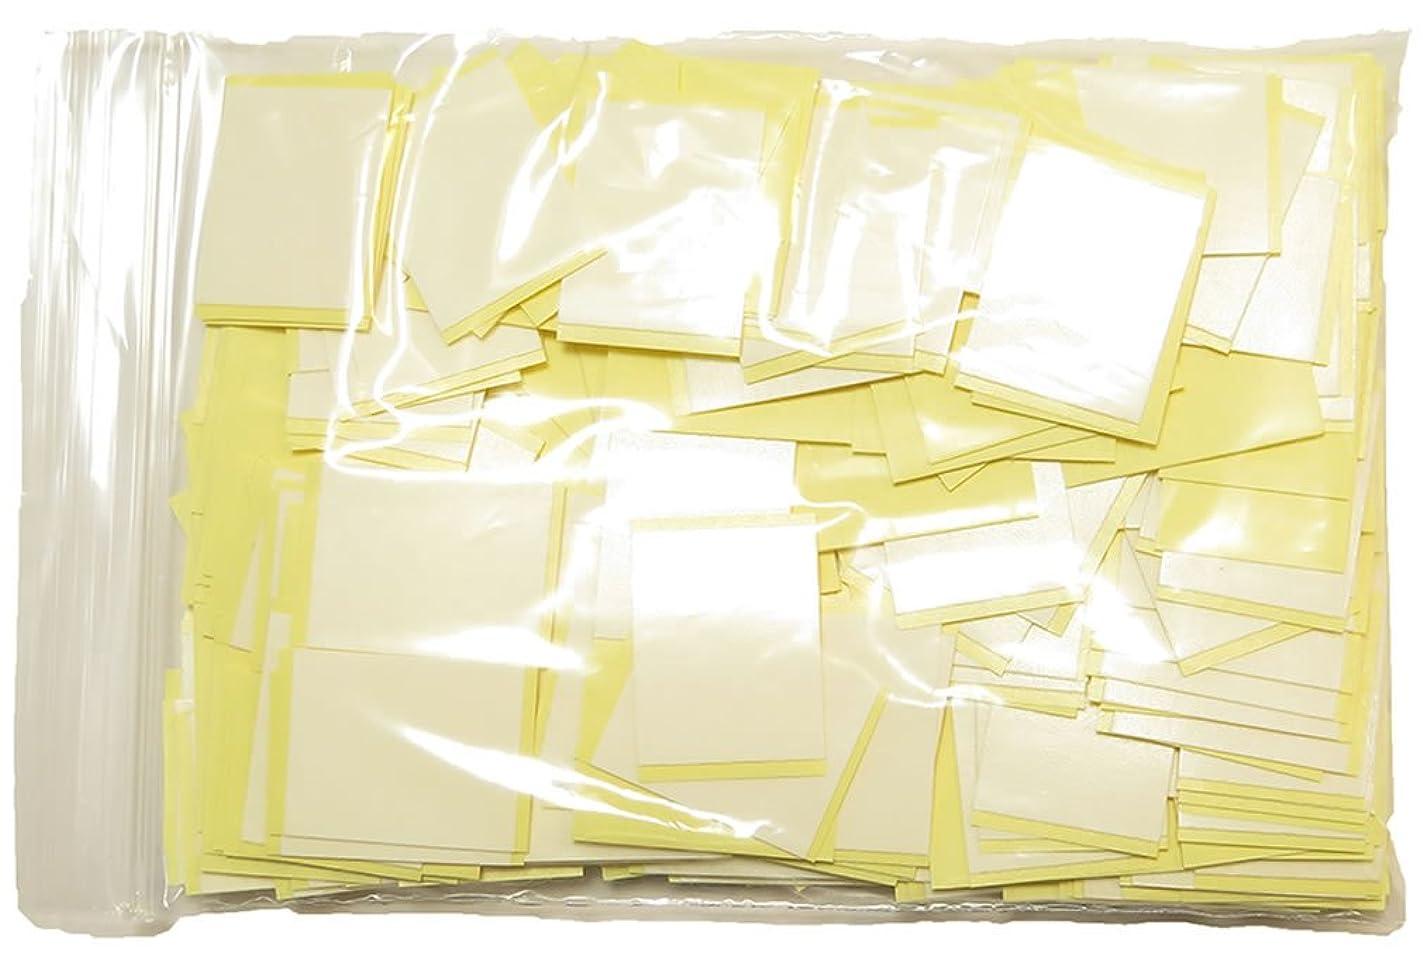 開示する障害苦情文句《アイデア商品》2㎝カット約300枚両面テープ